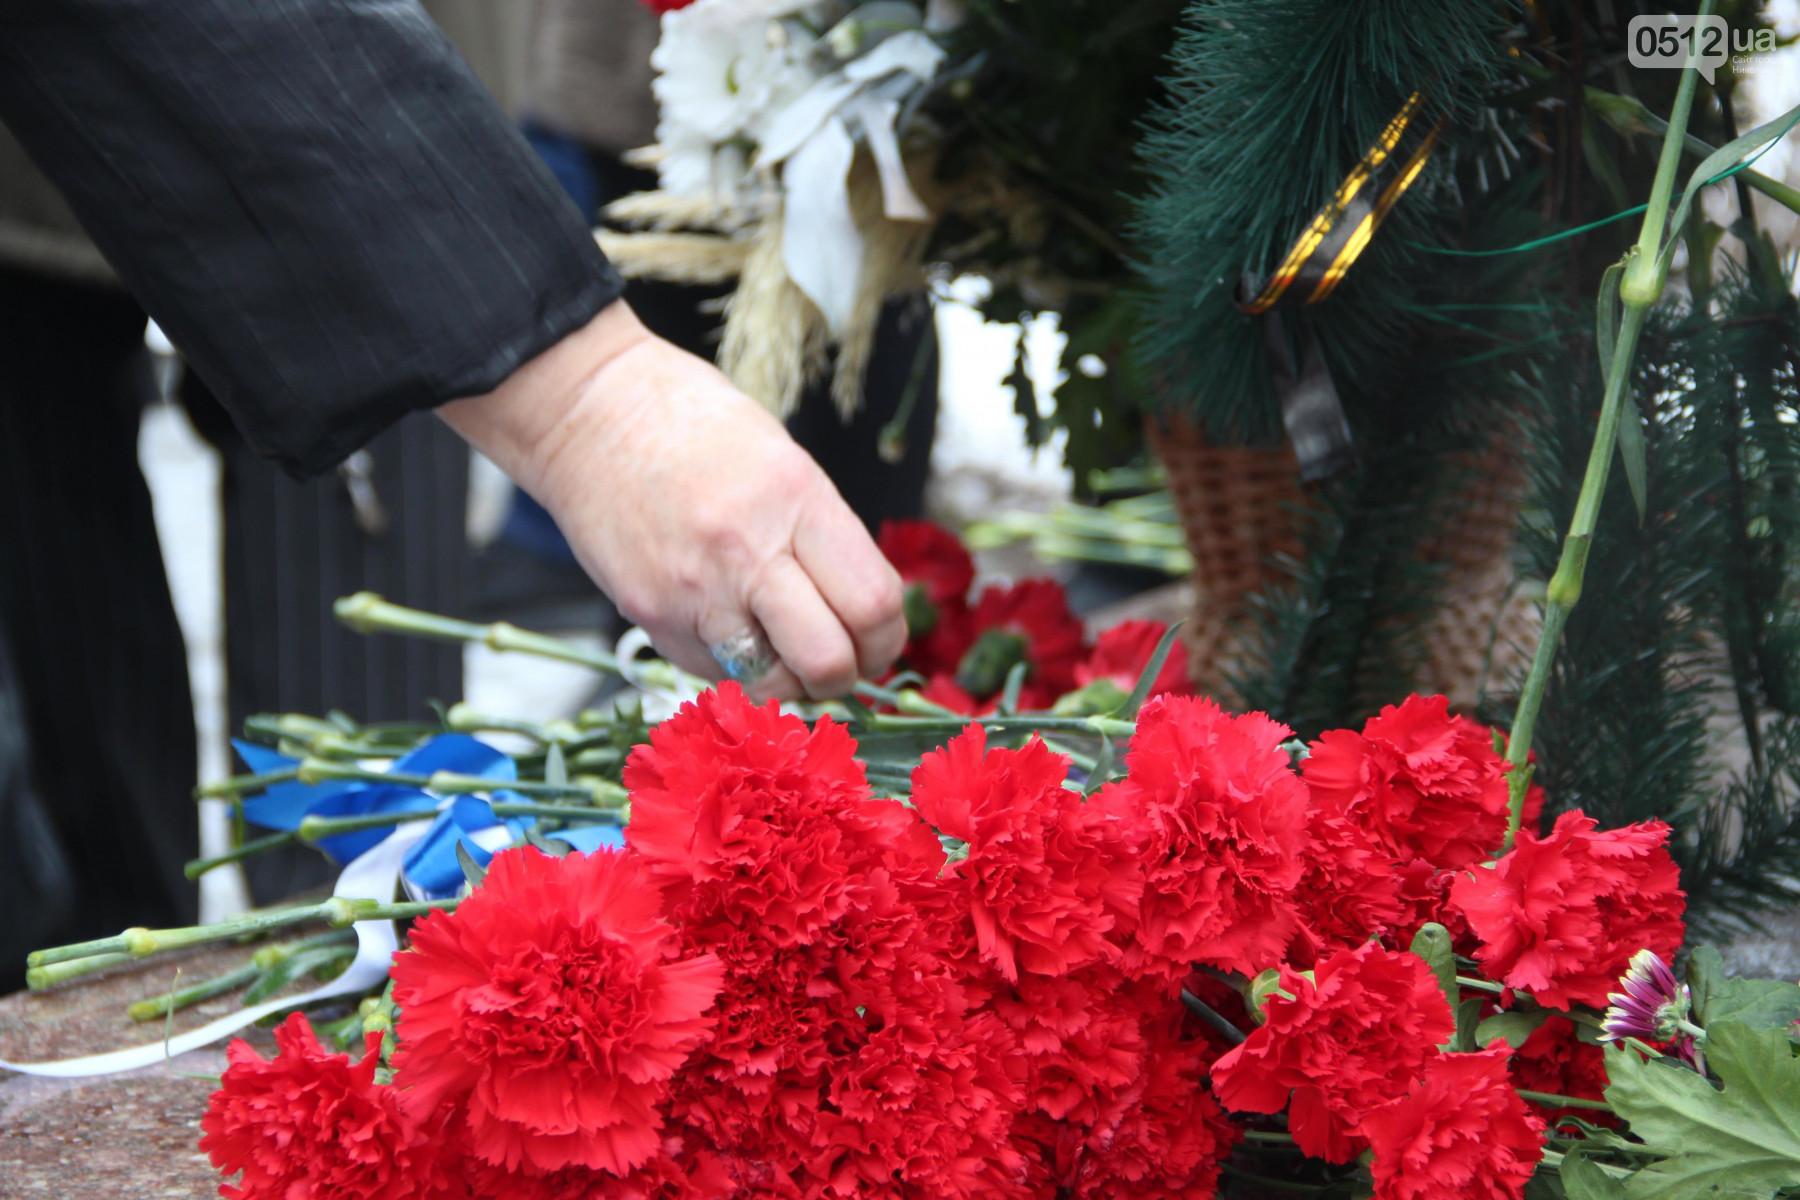 Николаевцы провели Кадиш и почтили память жертв Холокоста